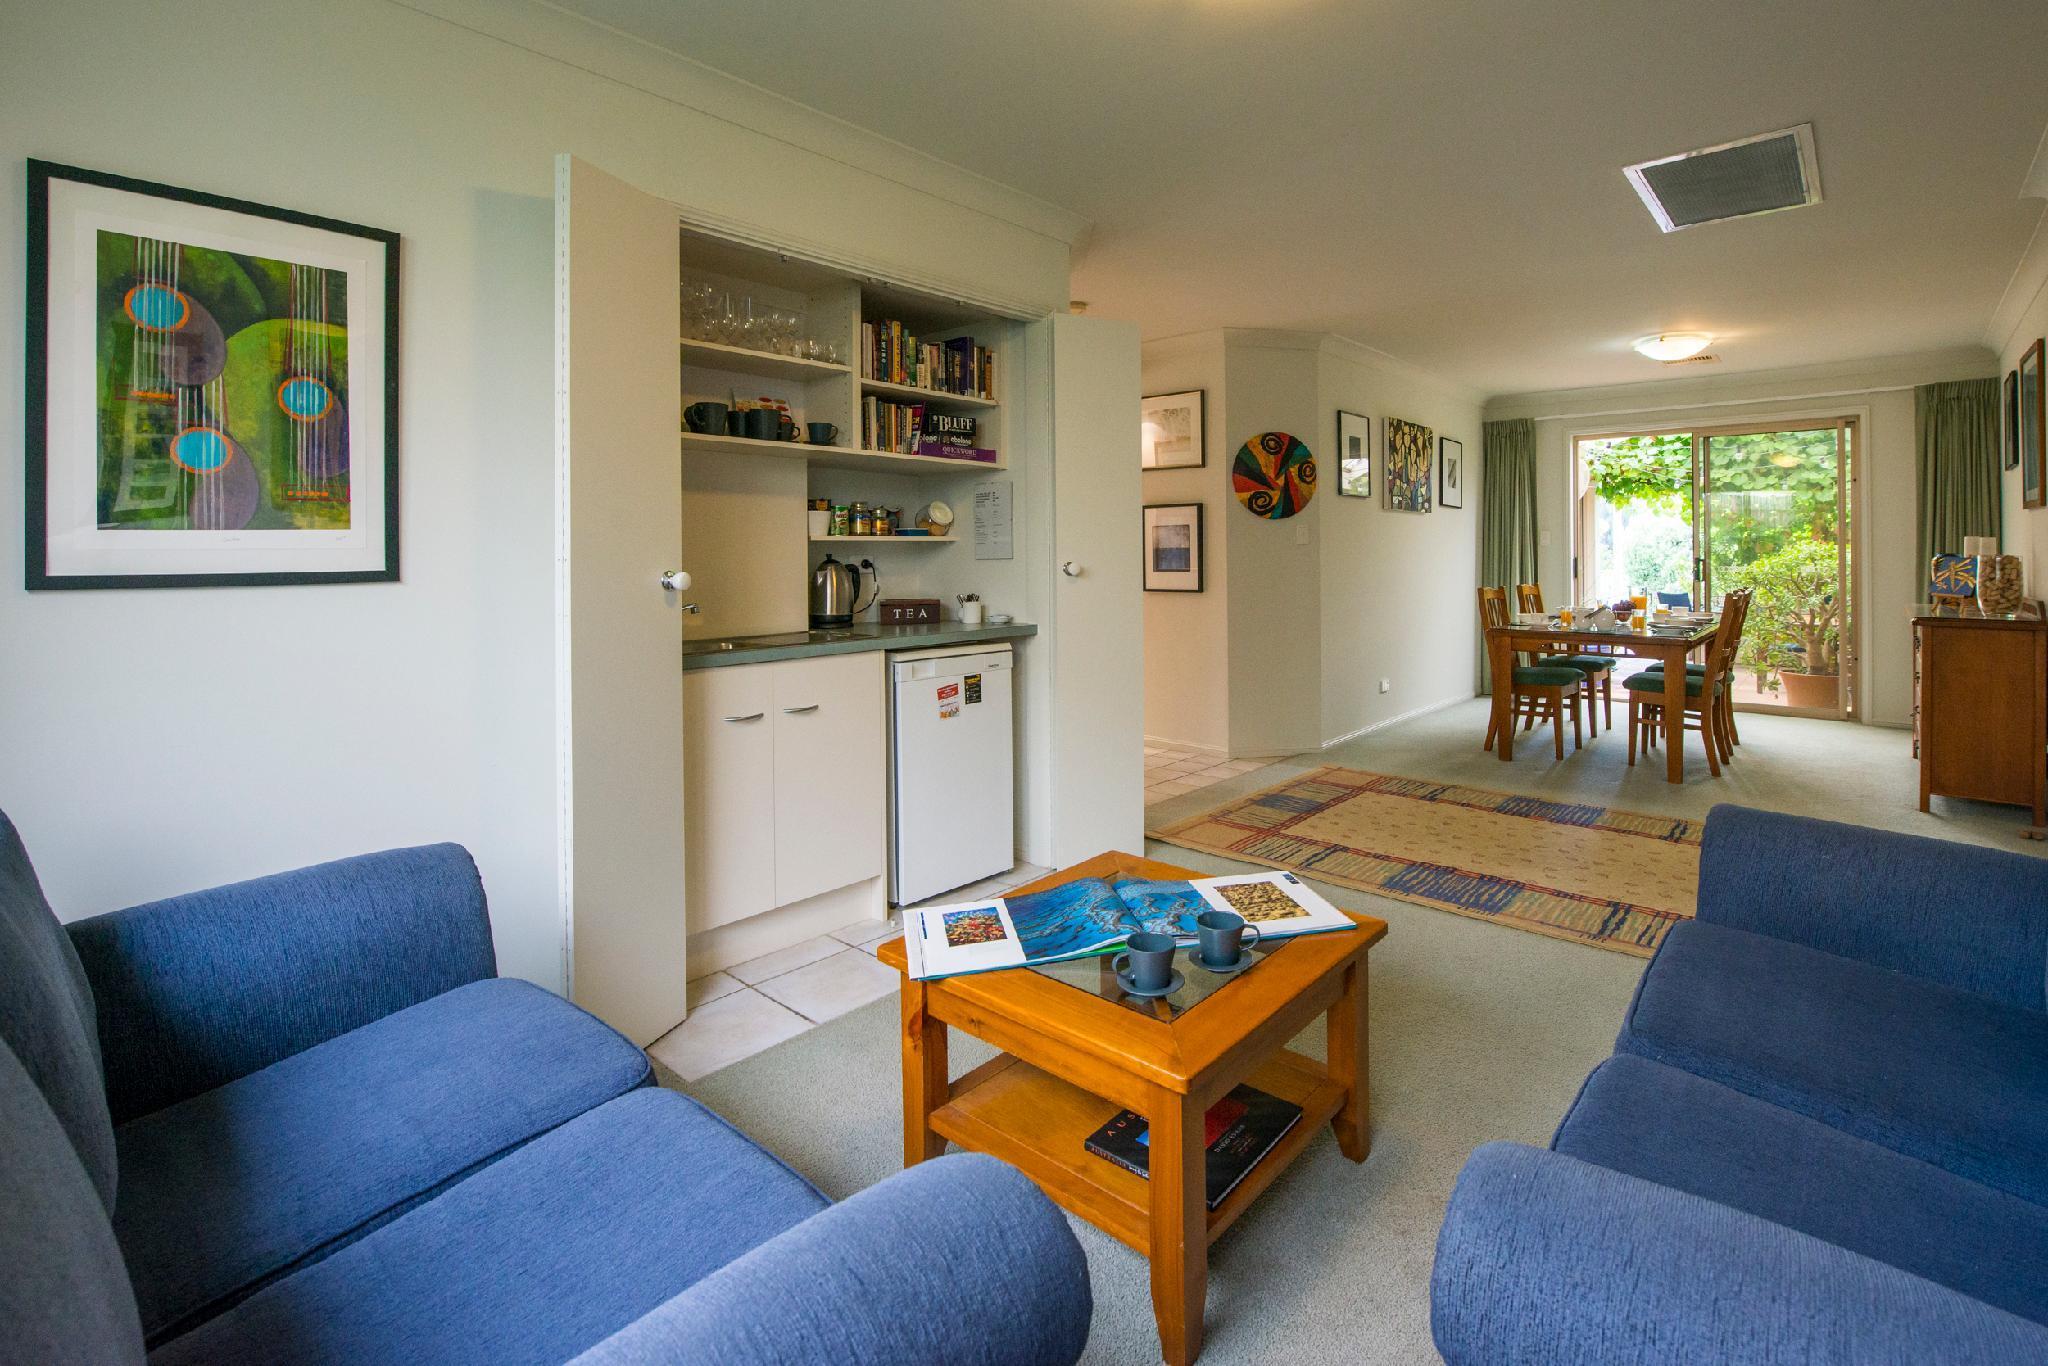 Bellevue Bed & Breakfast McLaren Vale – Hotel Review, Picture & Room Rates